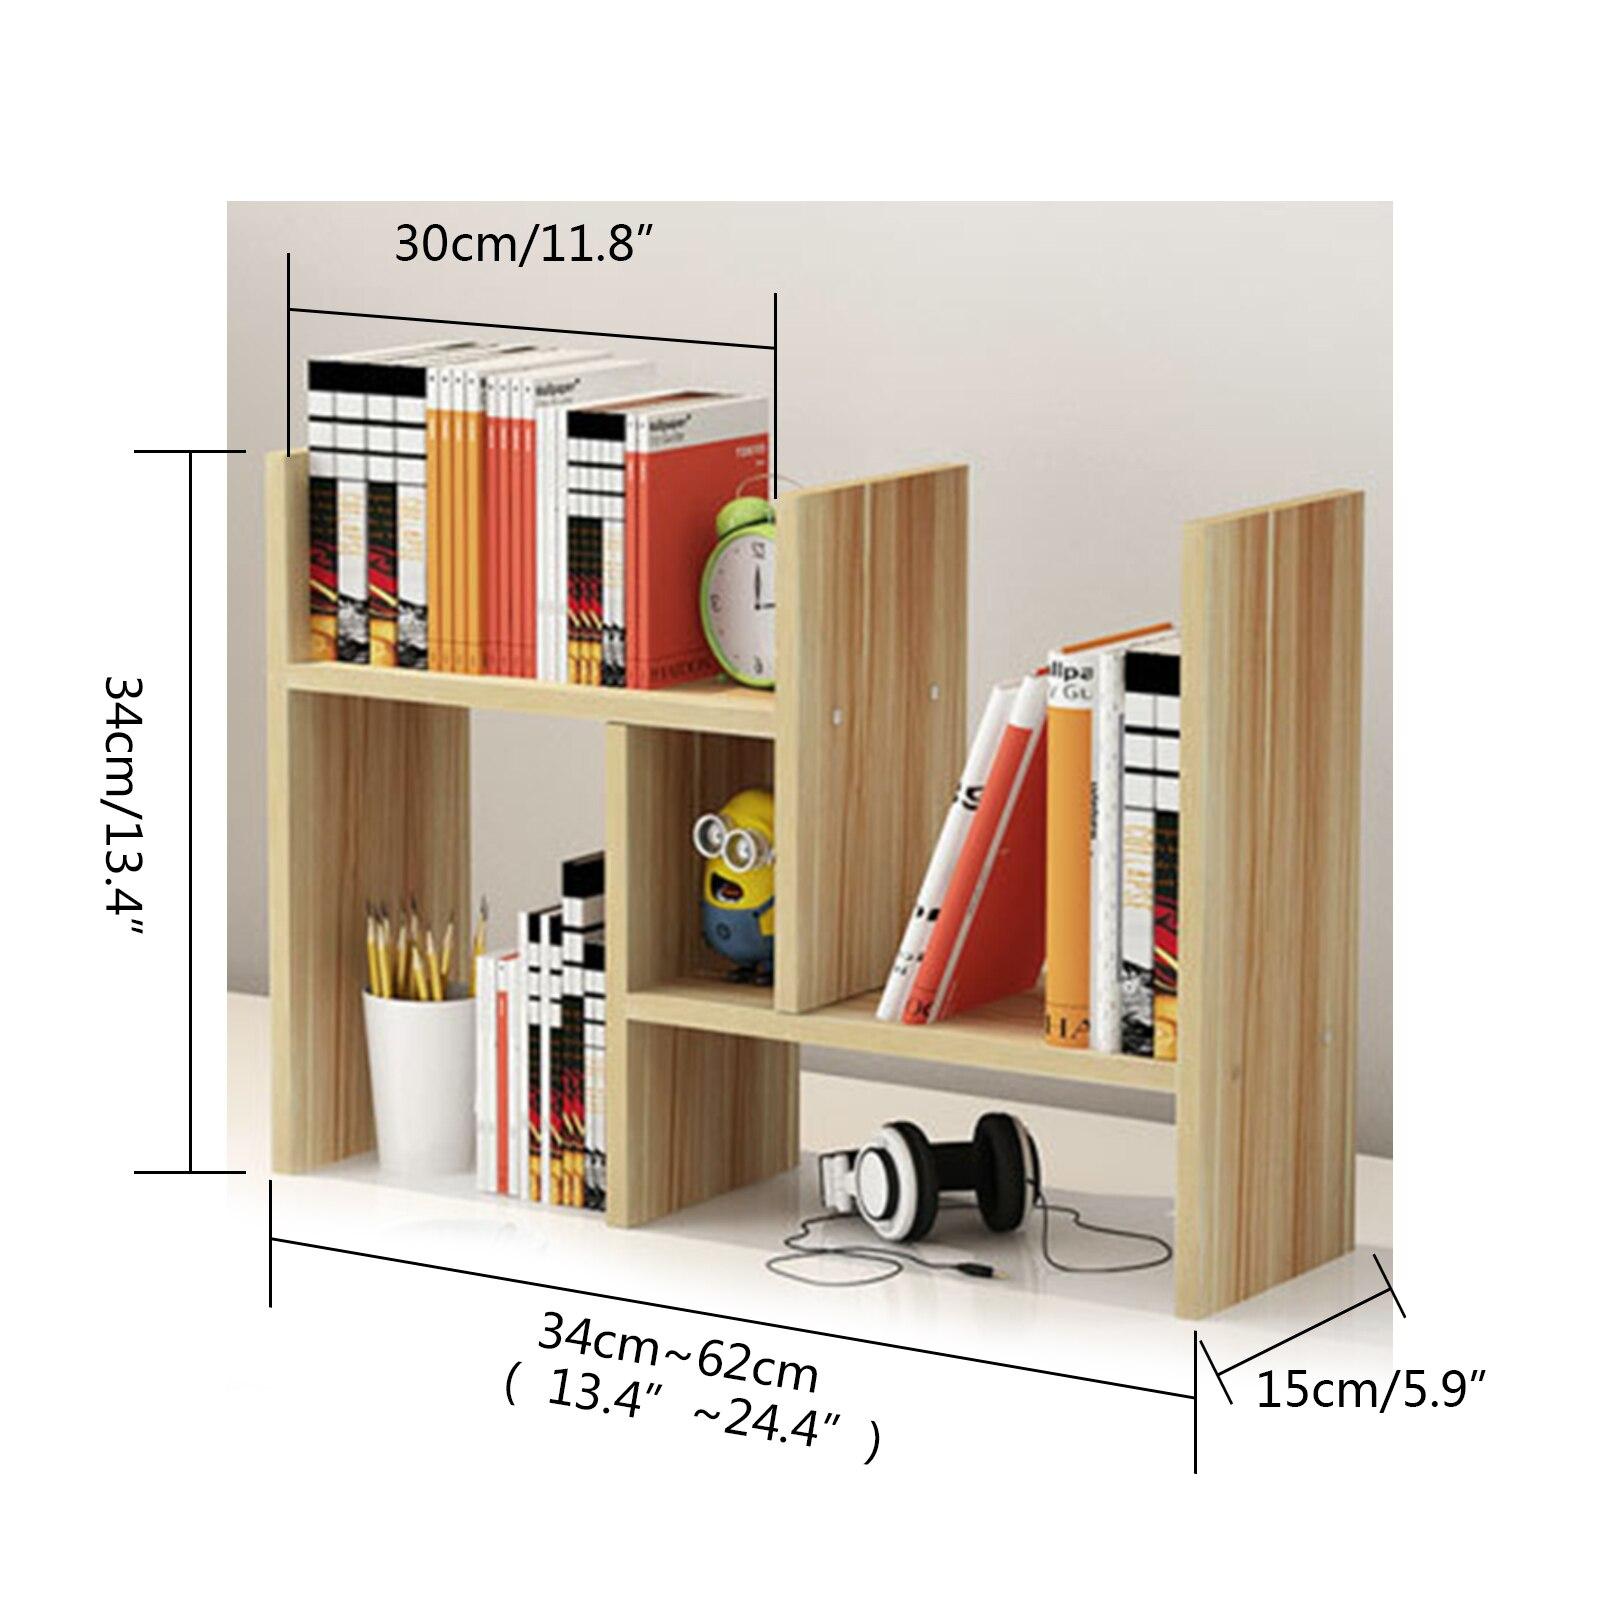 Schreibtisch Lagerung Organizer Einstellbare Desktop Display Regal Rack Mehrzweck Bücherregal für Büro Küche - 4